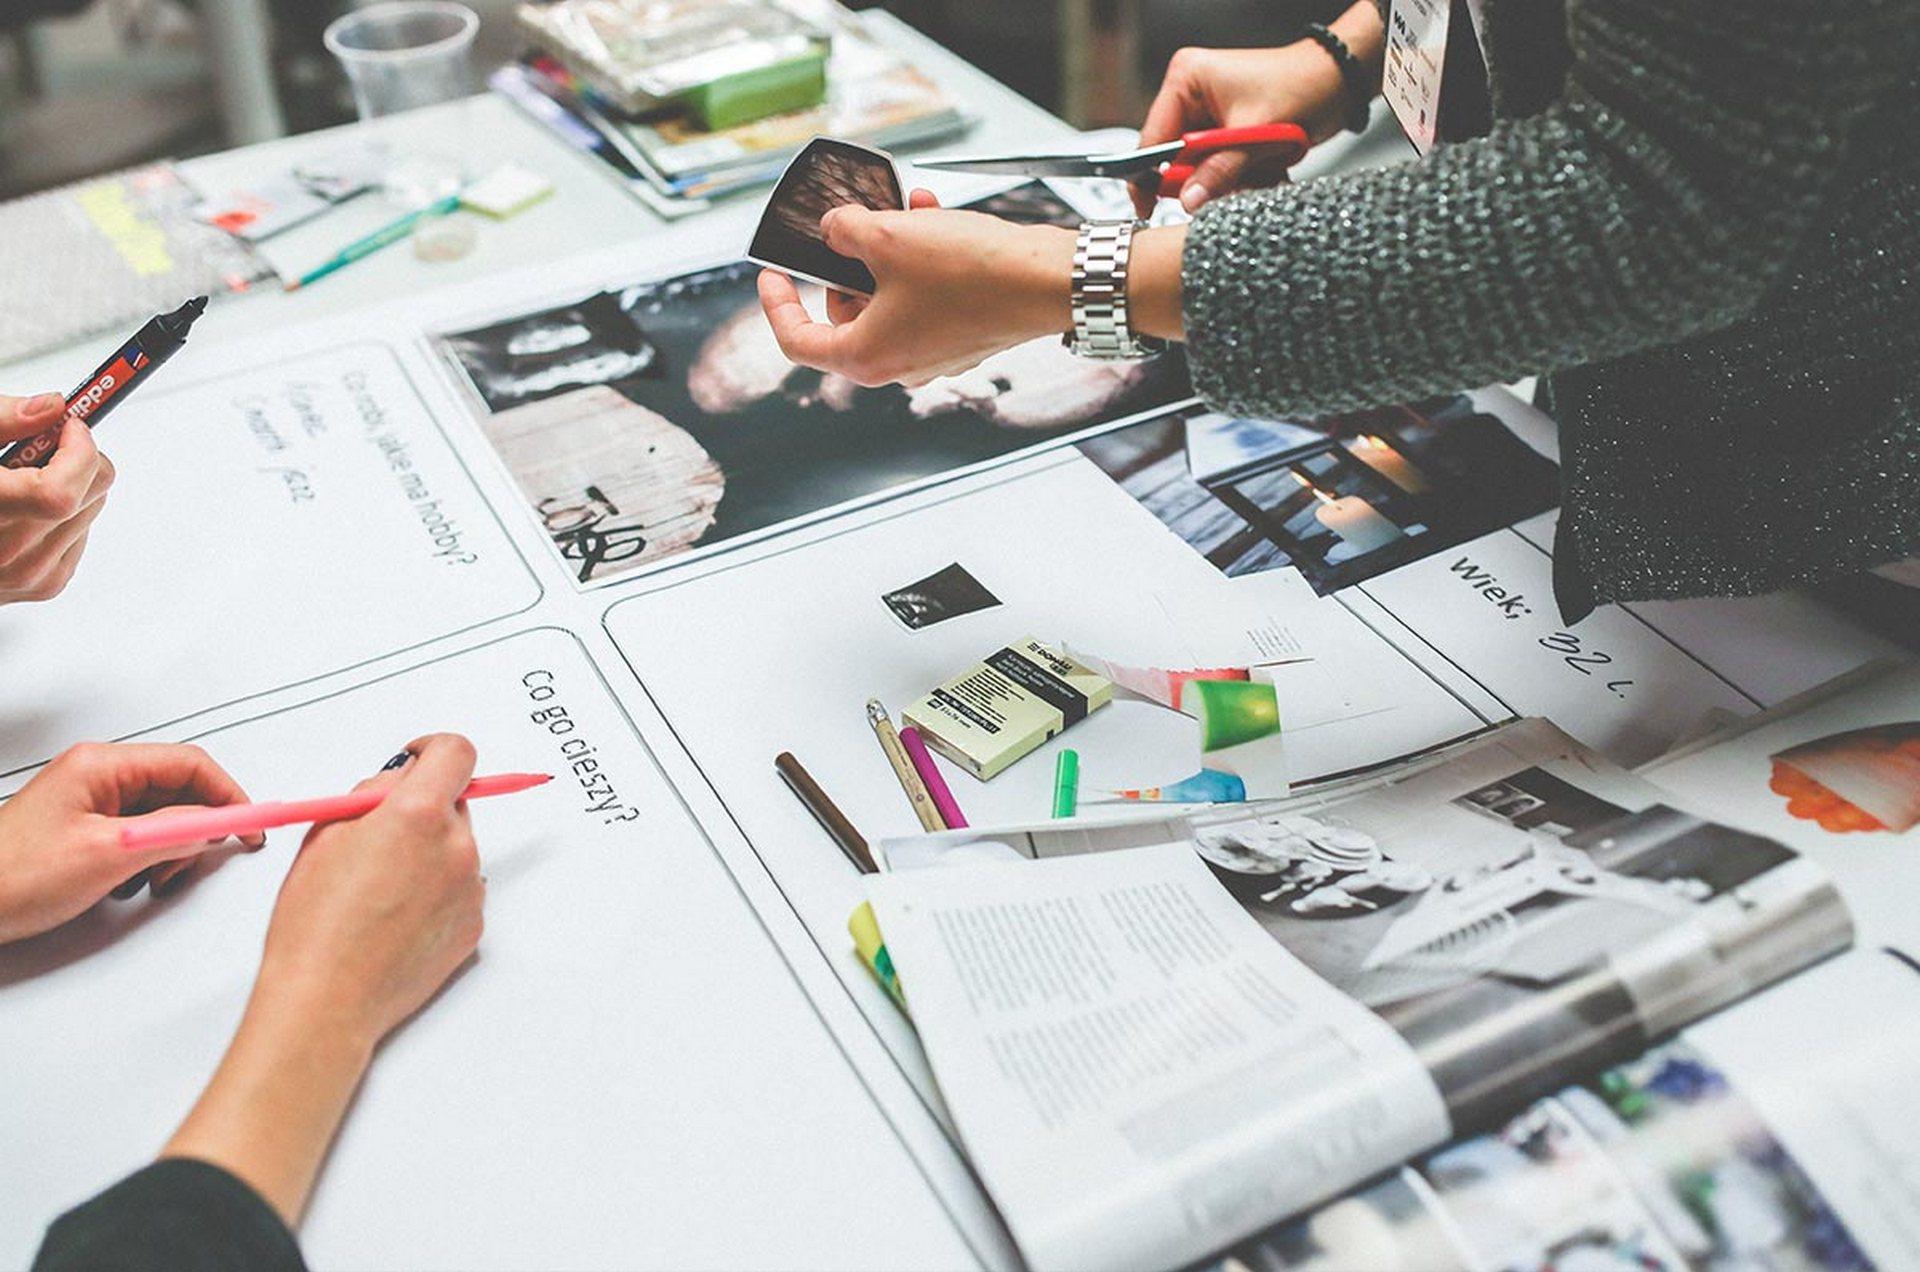 Основная проблема наших клиентов - отсутствие стратегии в продвижении контента